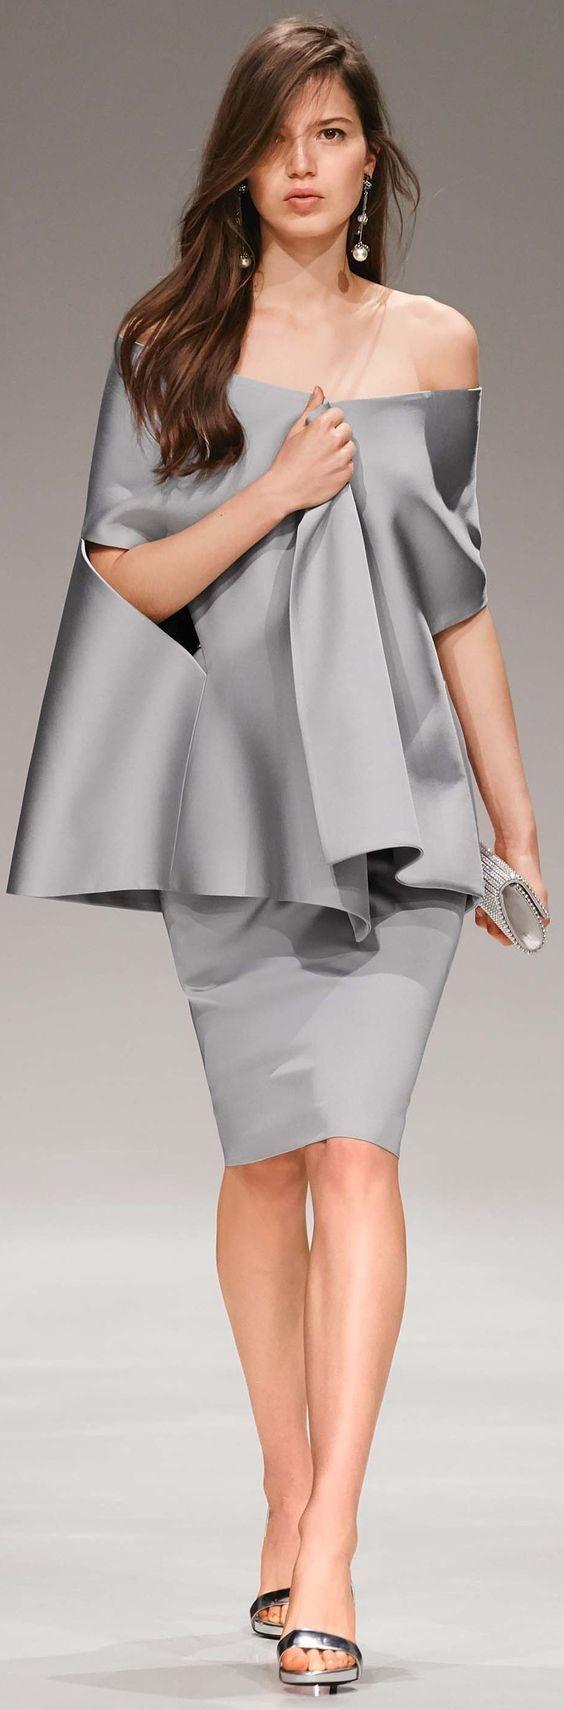 So effektvoll trotz schlichter Eleganz Hellgrau (Farbpassnummer 7) Kerstin Tomancok Farb-, Typ-, Stil & Imageberatung